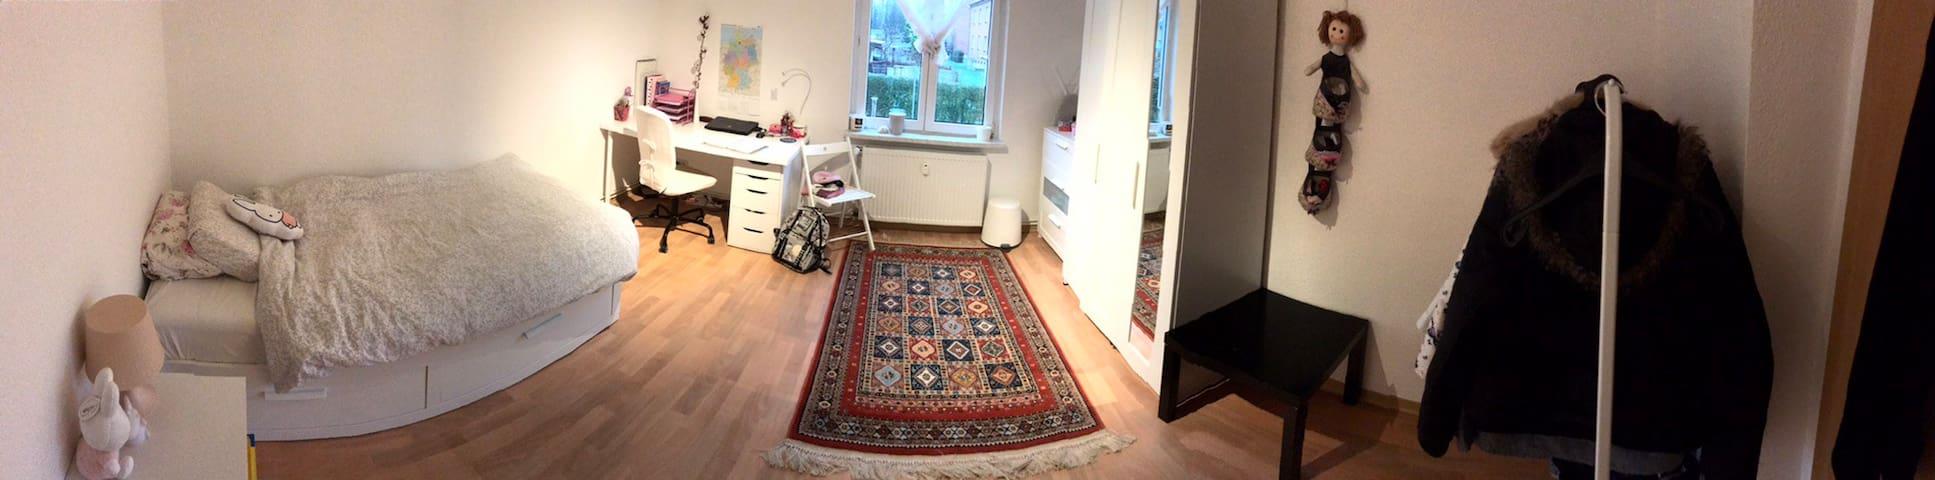 günstiges Schöne saubere Zimmer